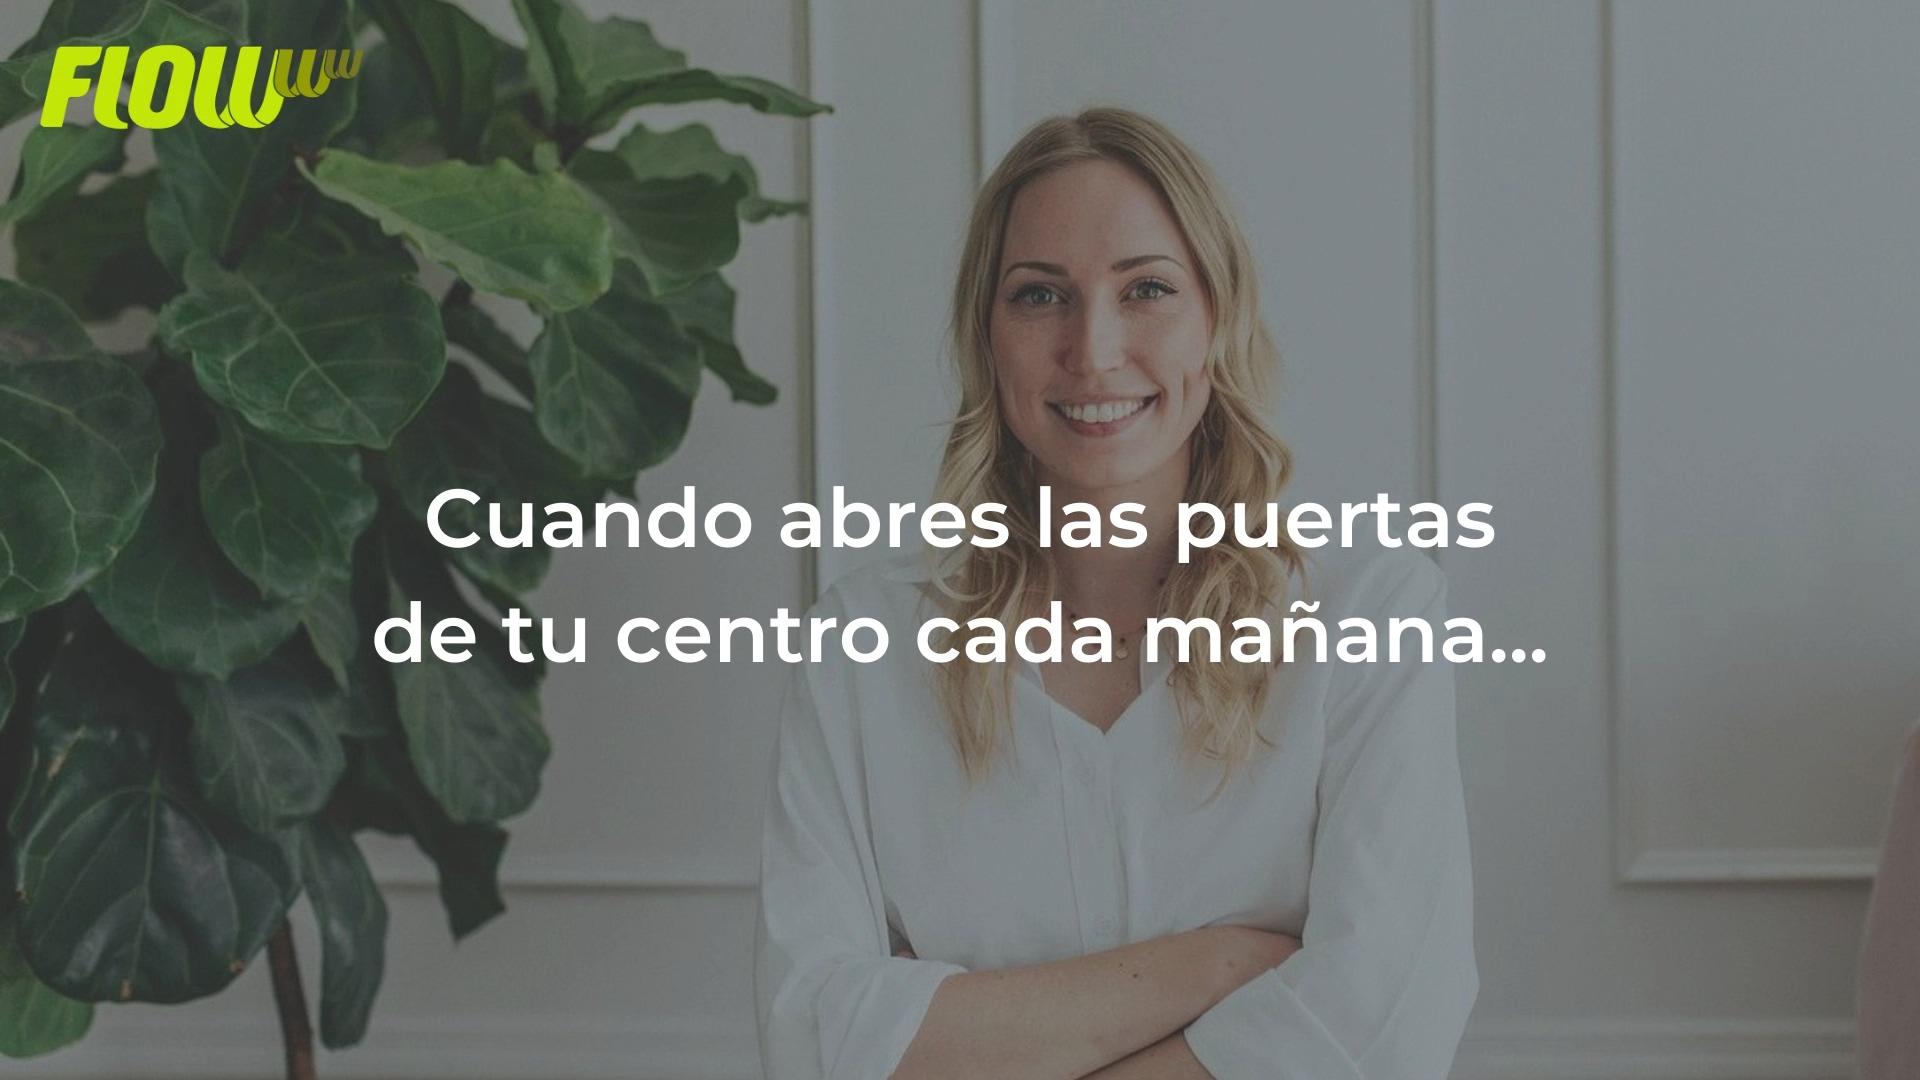 Vídeo DEMO_Estética_sin capturas